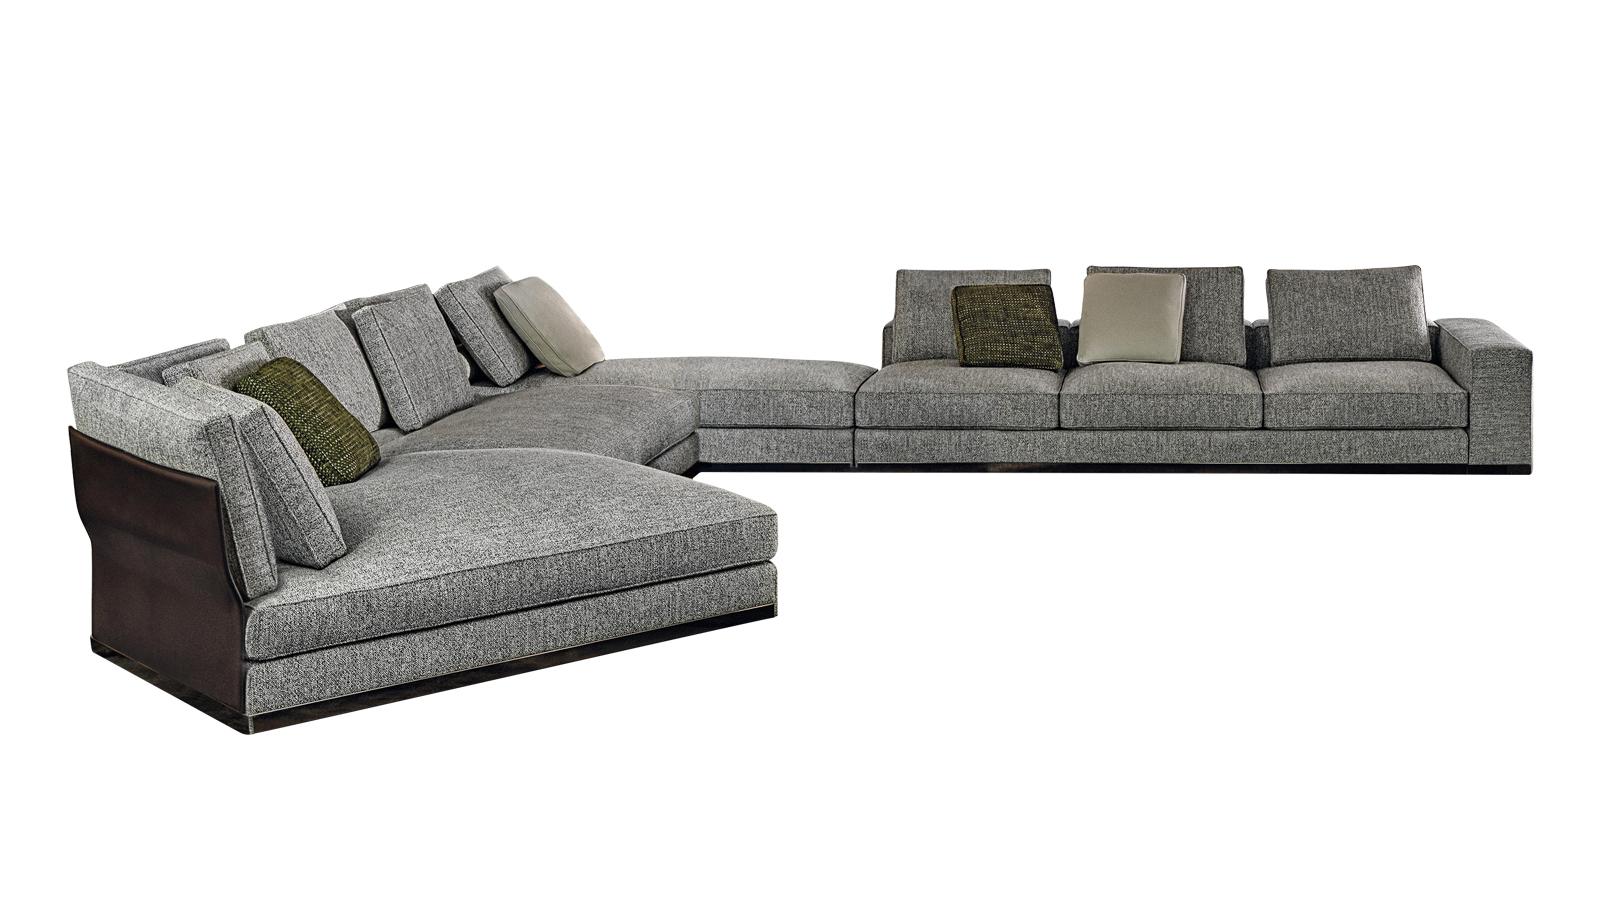 Kreativitás, klisémentesség, kifinomultság: ez a West kanapé, mely minden részletében eltér a szokványos modern bútoroktól. Meglepő formabéli játékosságának hála hiváltképp alkalmas a legkülönfélébb tradicionális és modern lakberendezési ötletek megvalósítására. Az ülőgarnitúra a magas kézműves tudás, a prémium anyaggyártás és a kortárs design megtestesítője.